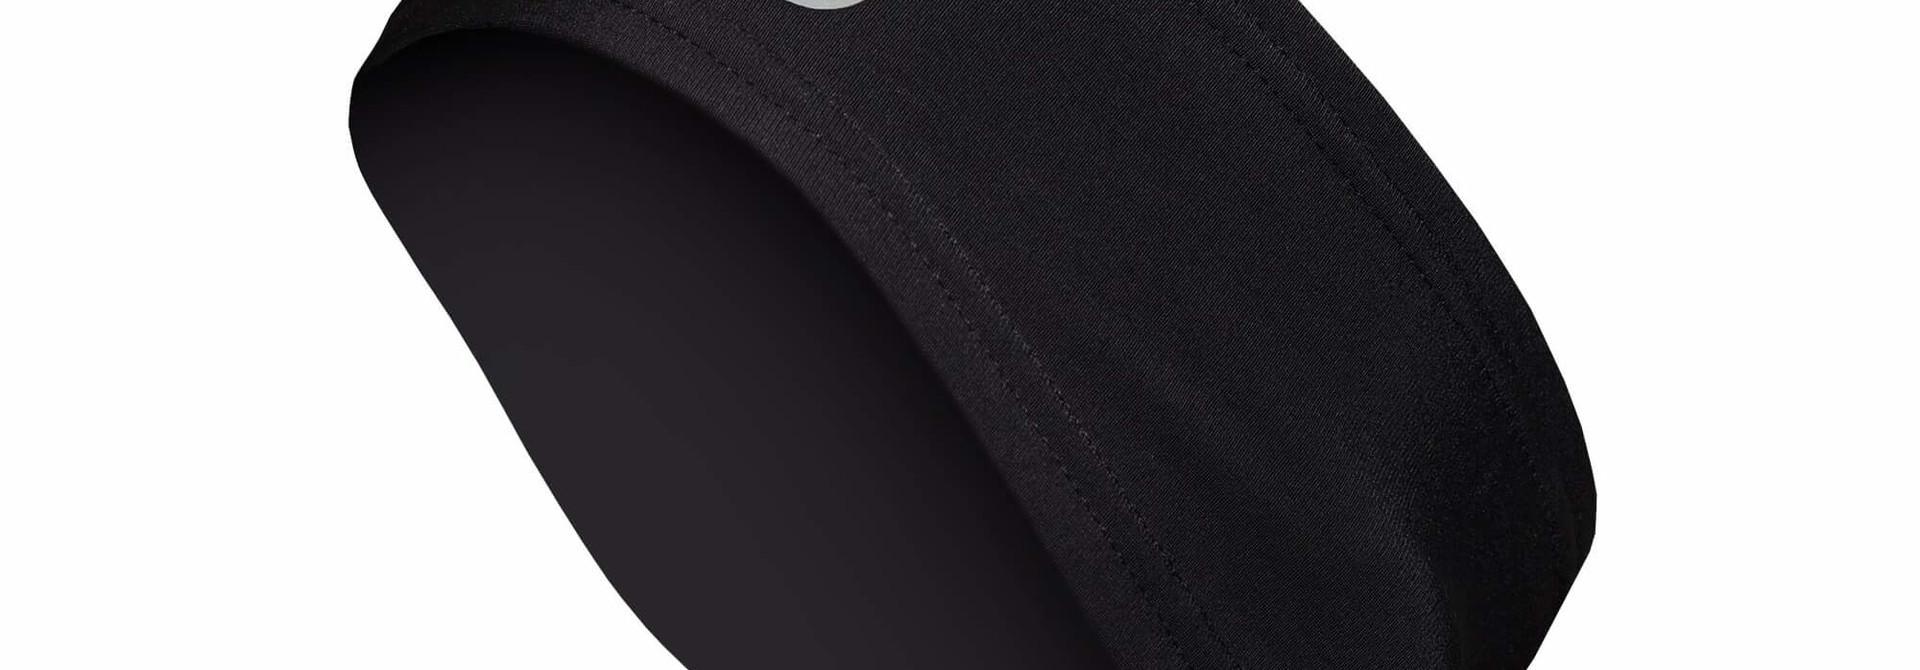 FS260 Pro Thermo Headband